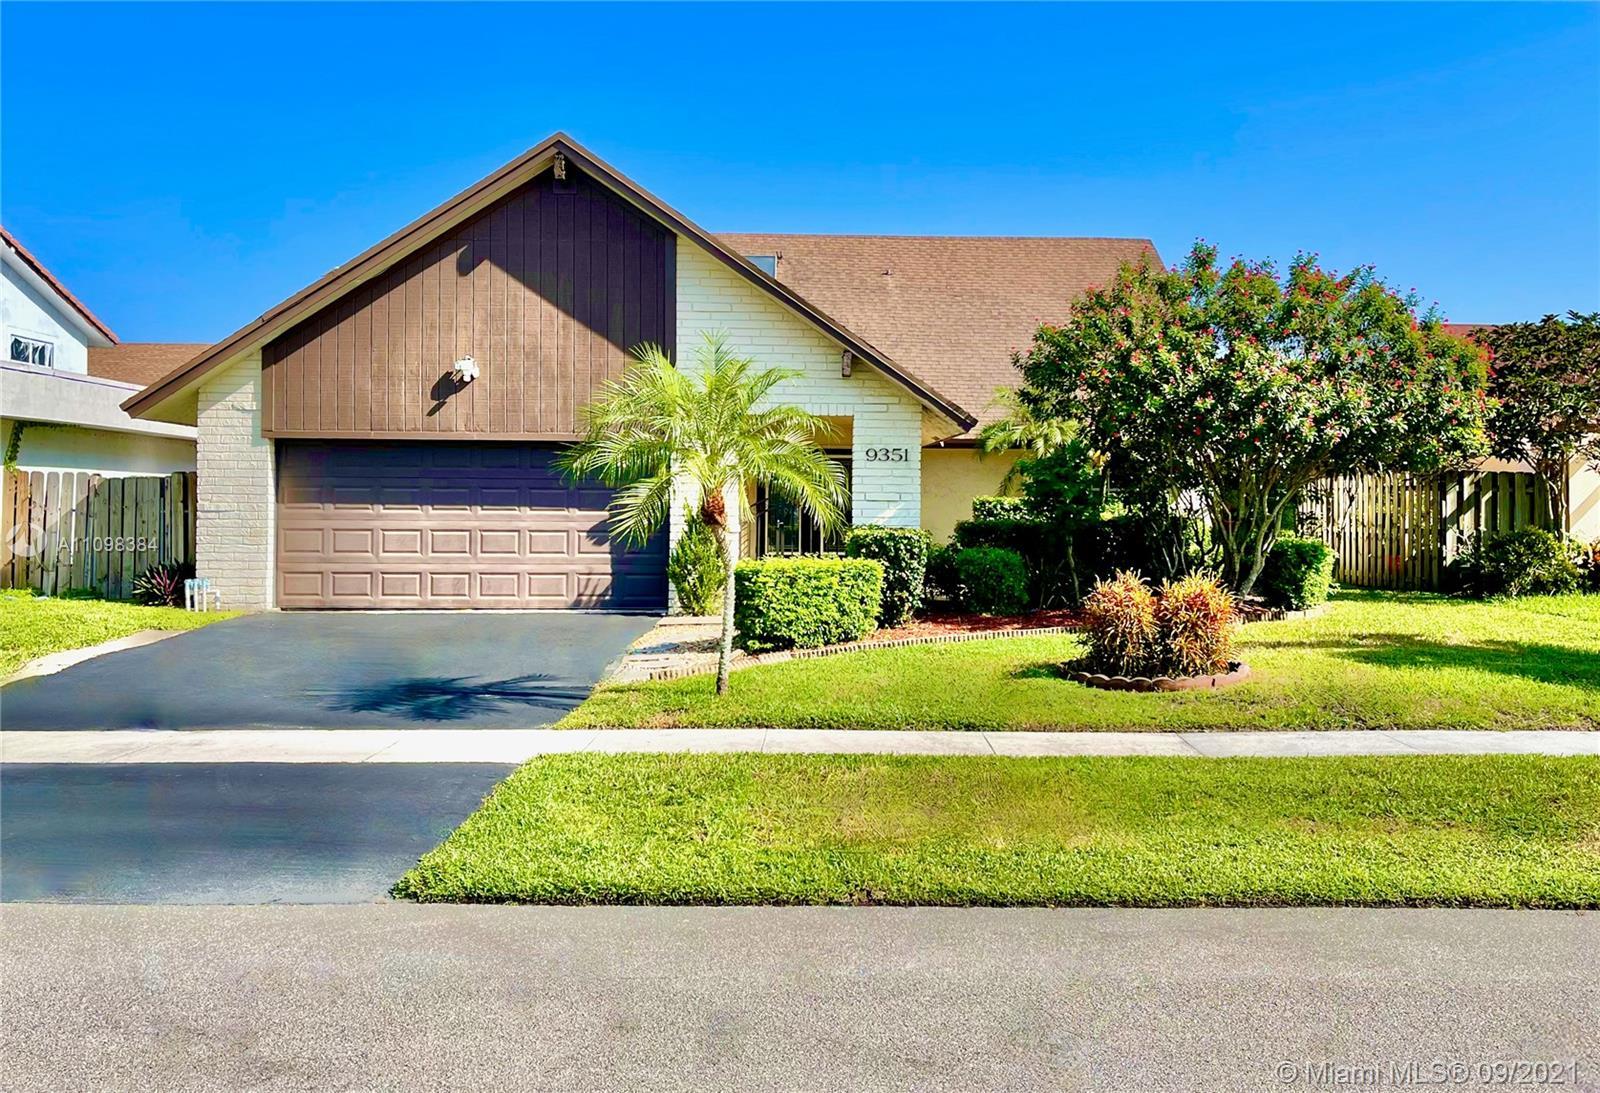 Welleby - 9351 NW 37th Mnr, Sunrise, FL 33351